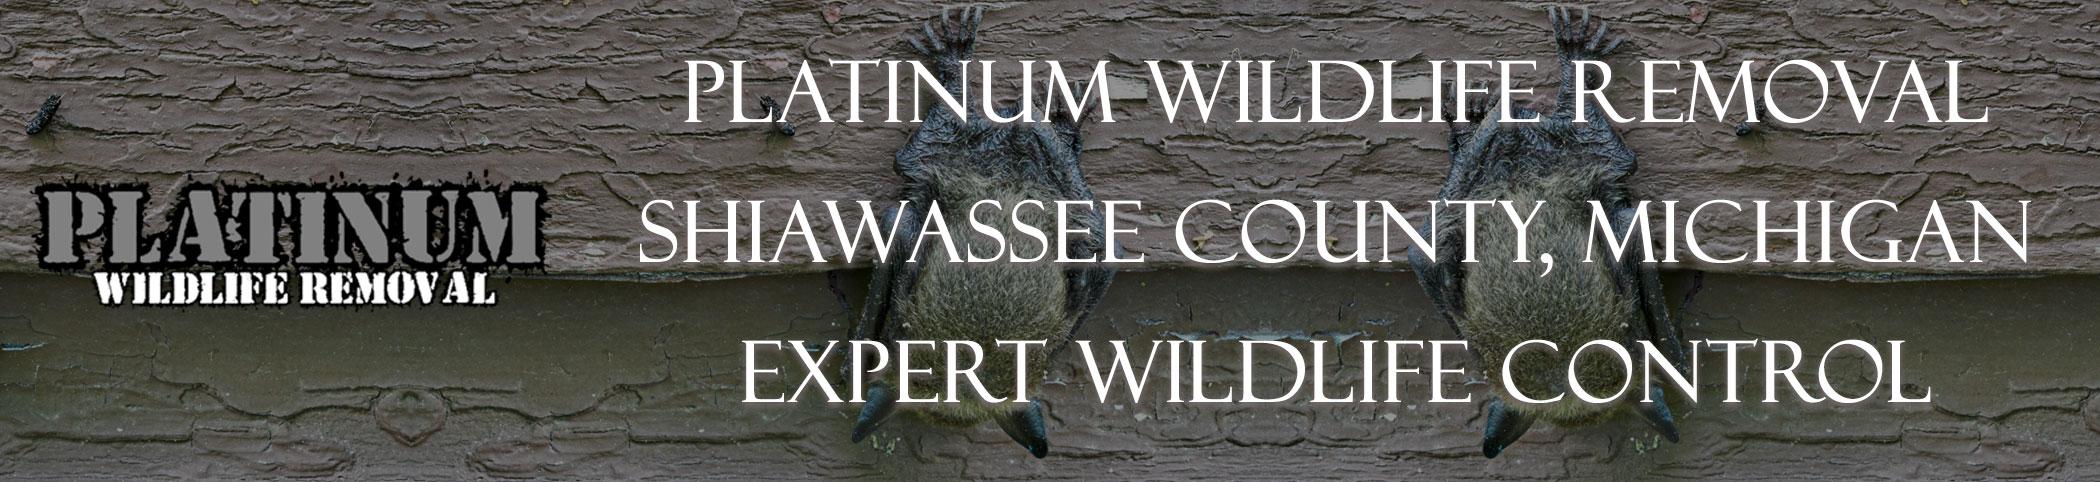 Shiawassee-County-Michigan-Bat-Removal-header-Image